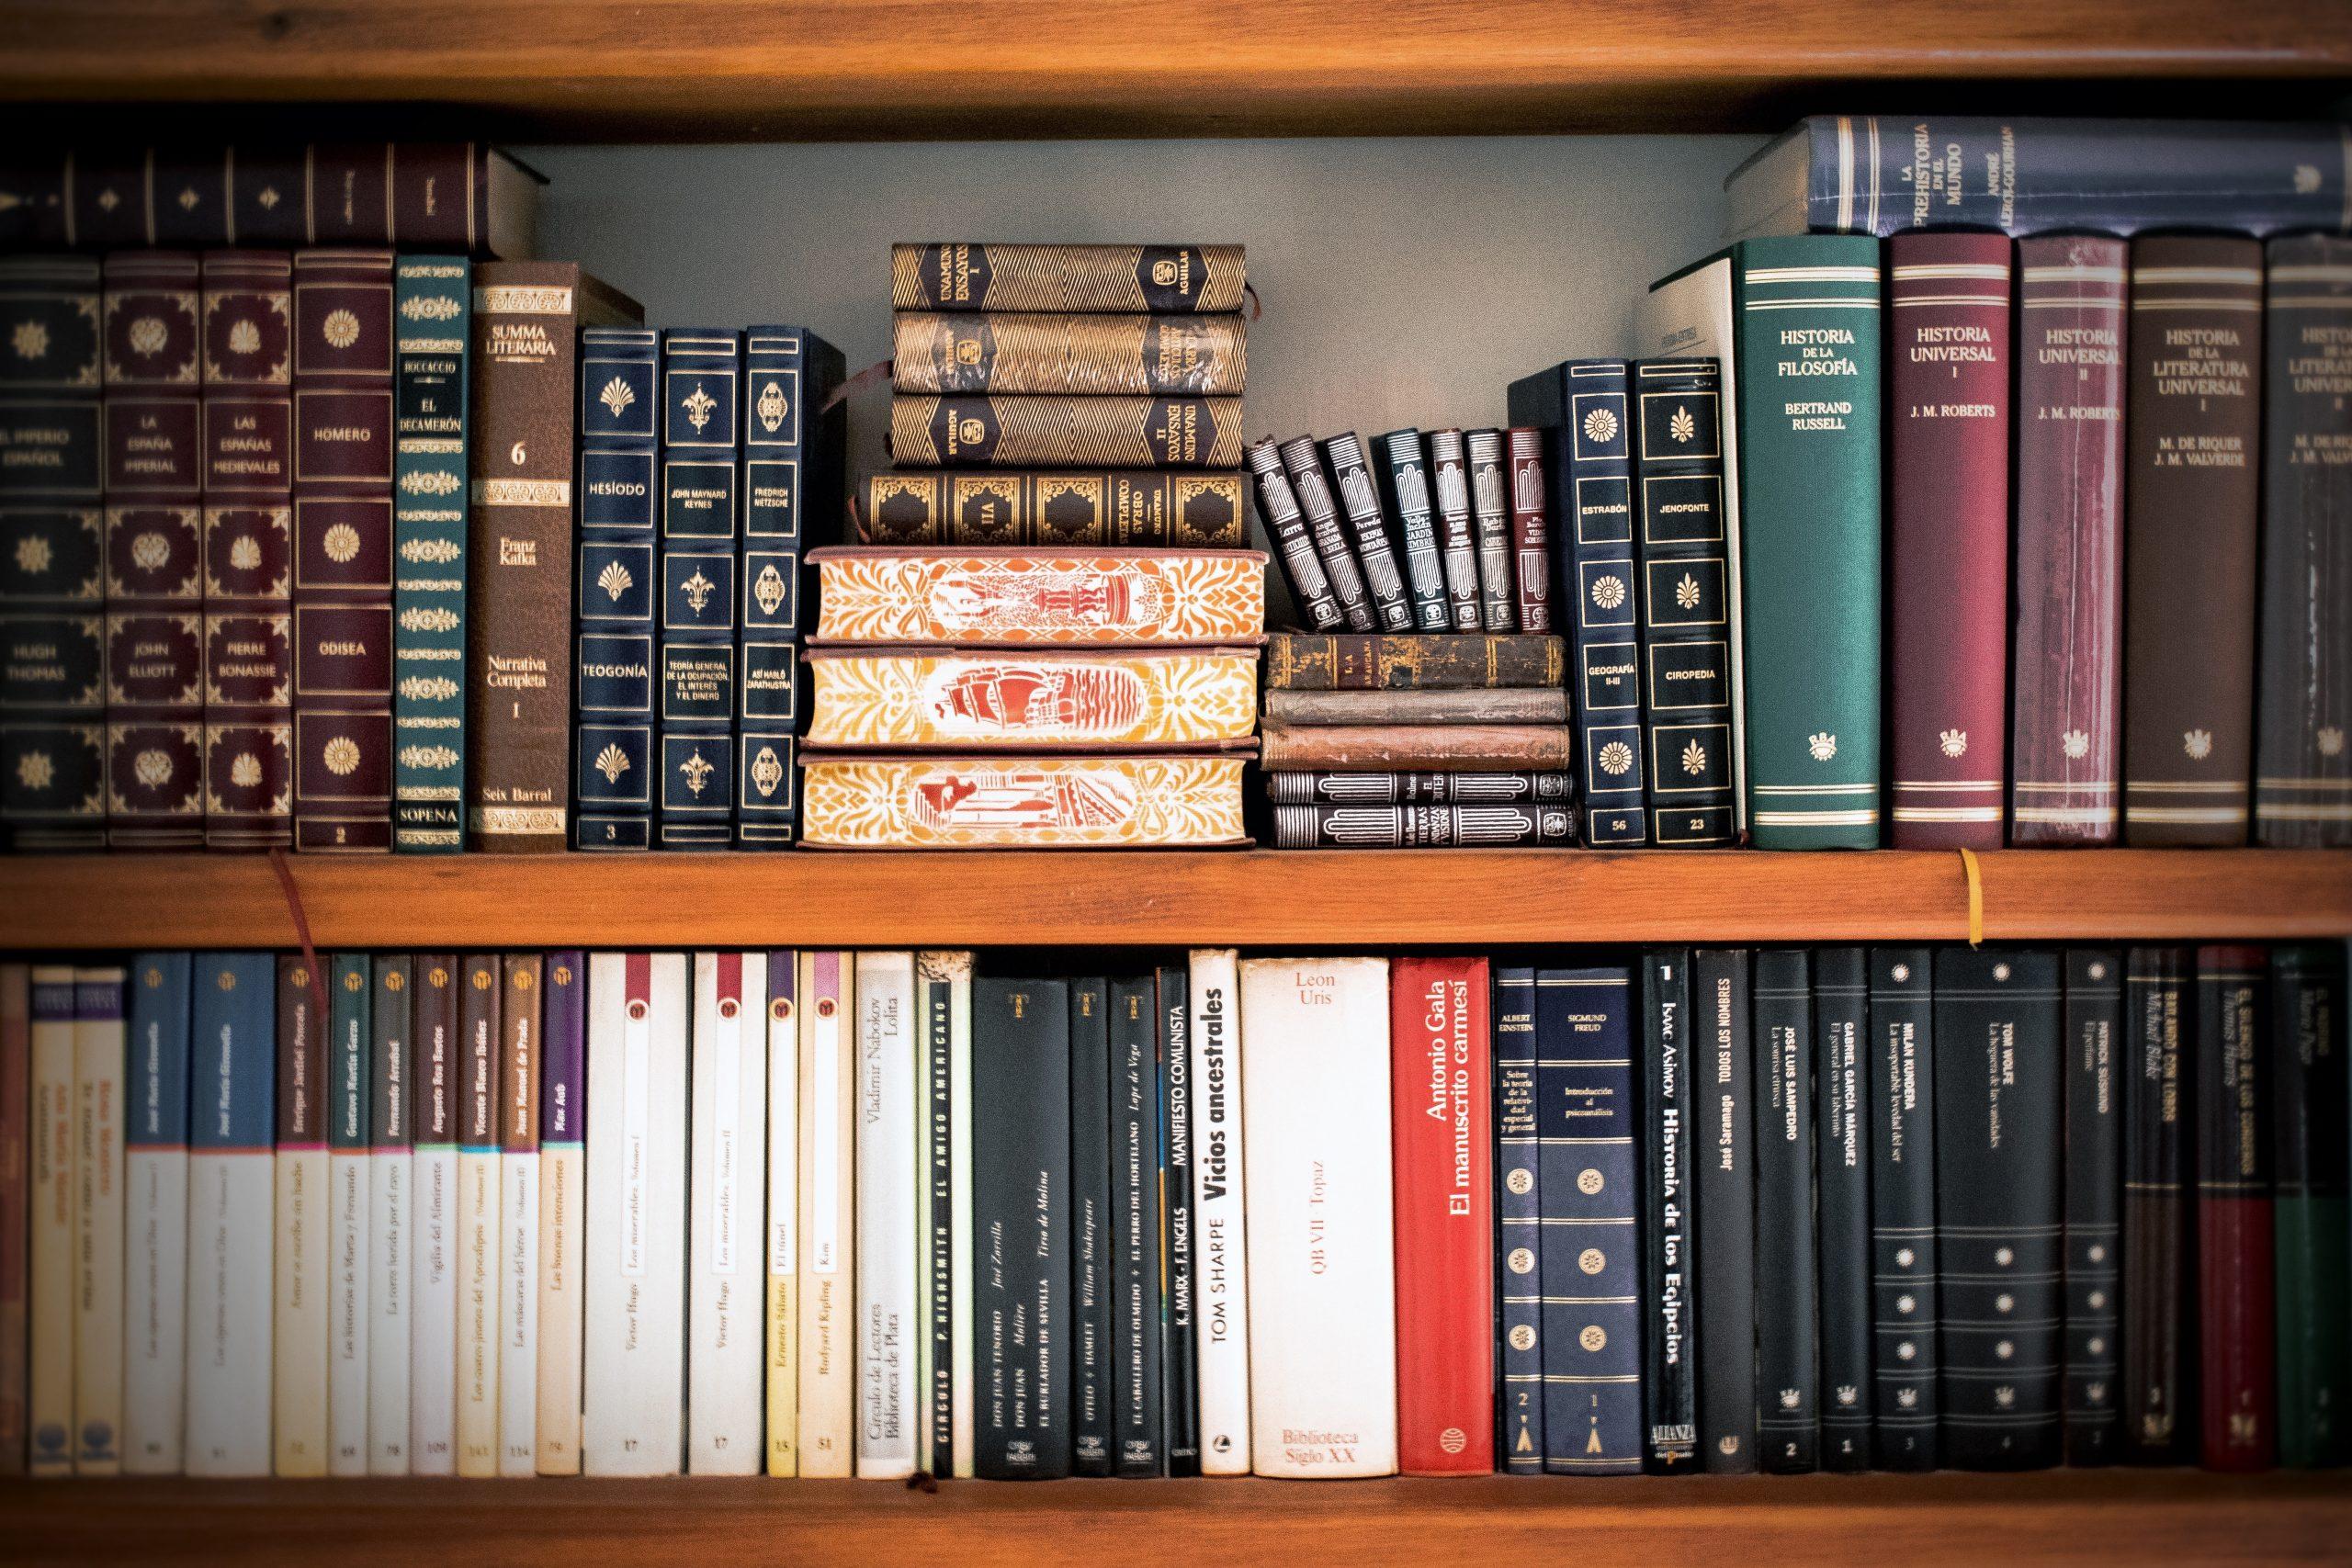 Etagères d'une bibliothèque remplies de livres